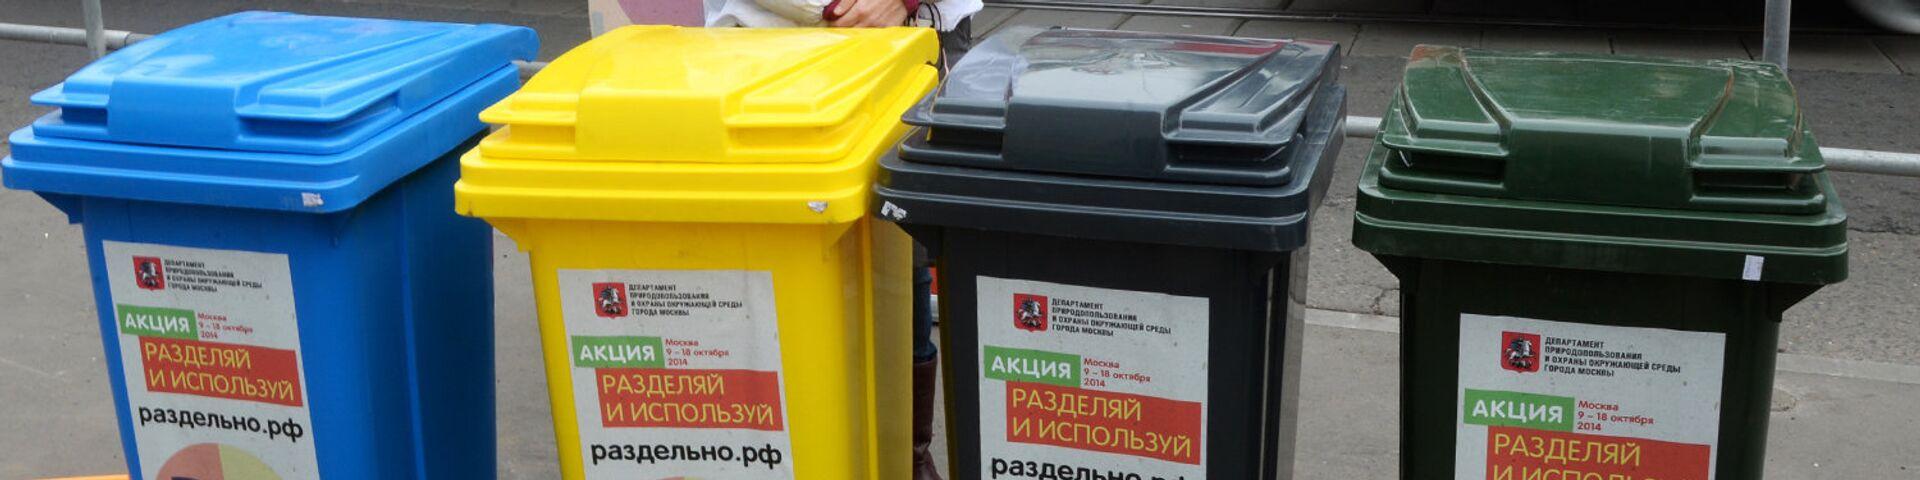 На работе вам понадобилось выбросить бумажный стаканчик из-под кофе в один из контейнеров для раздельного сбора мусора. Какого обычно цвета тот, что для бумаги? - РИА Новости, 1920